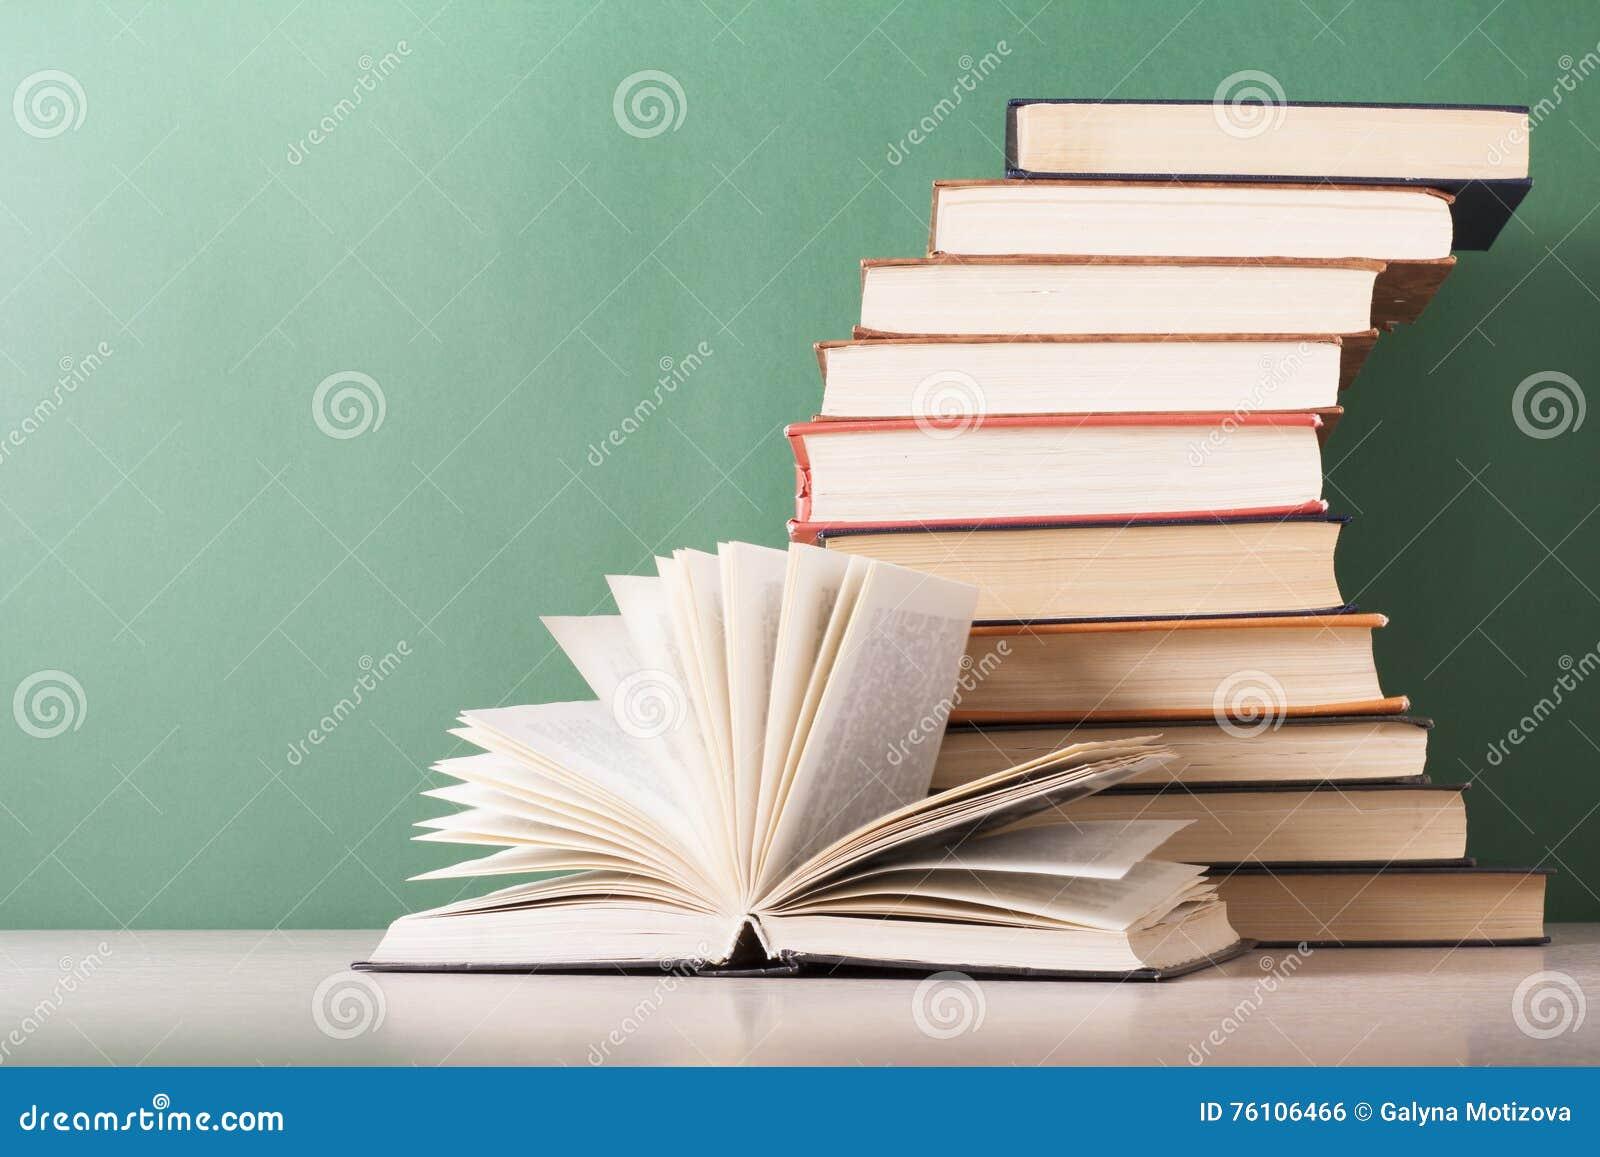 Den öppna boken, inbunden bok bokar på trätabellen sax och blyertspennor på bakgrunden av kraft papper tillbaka skola till Kopier